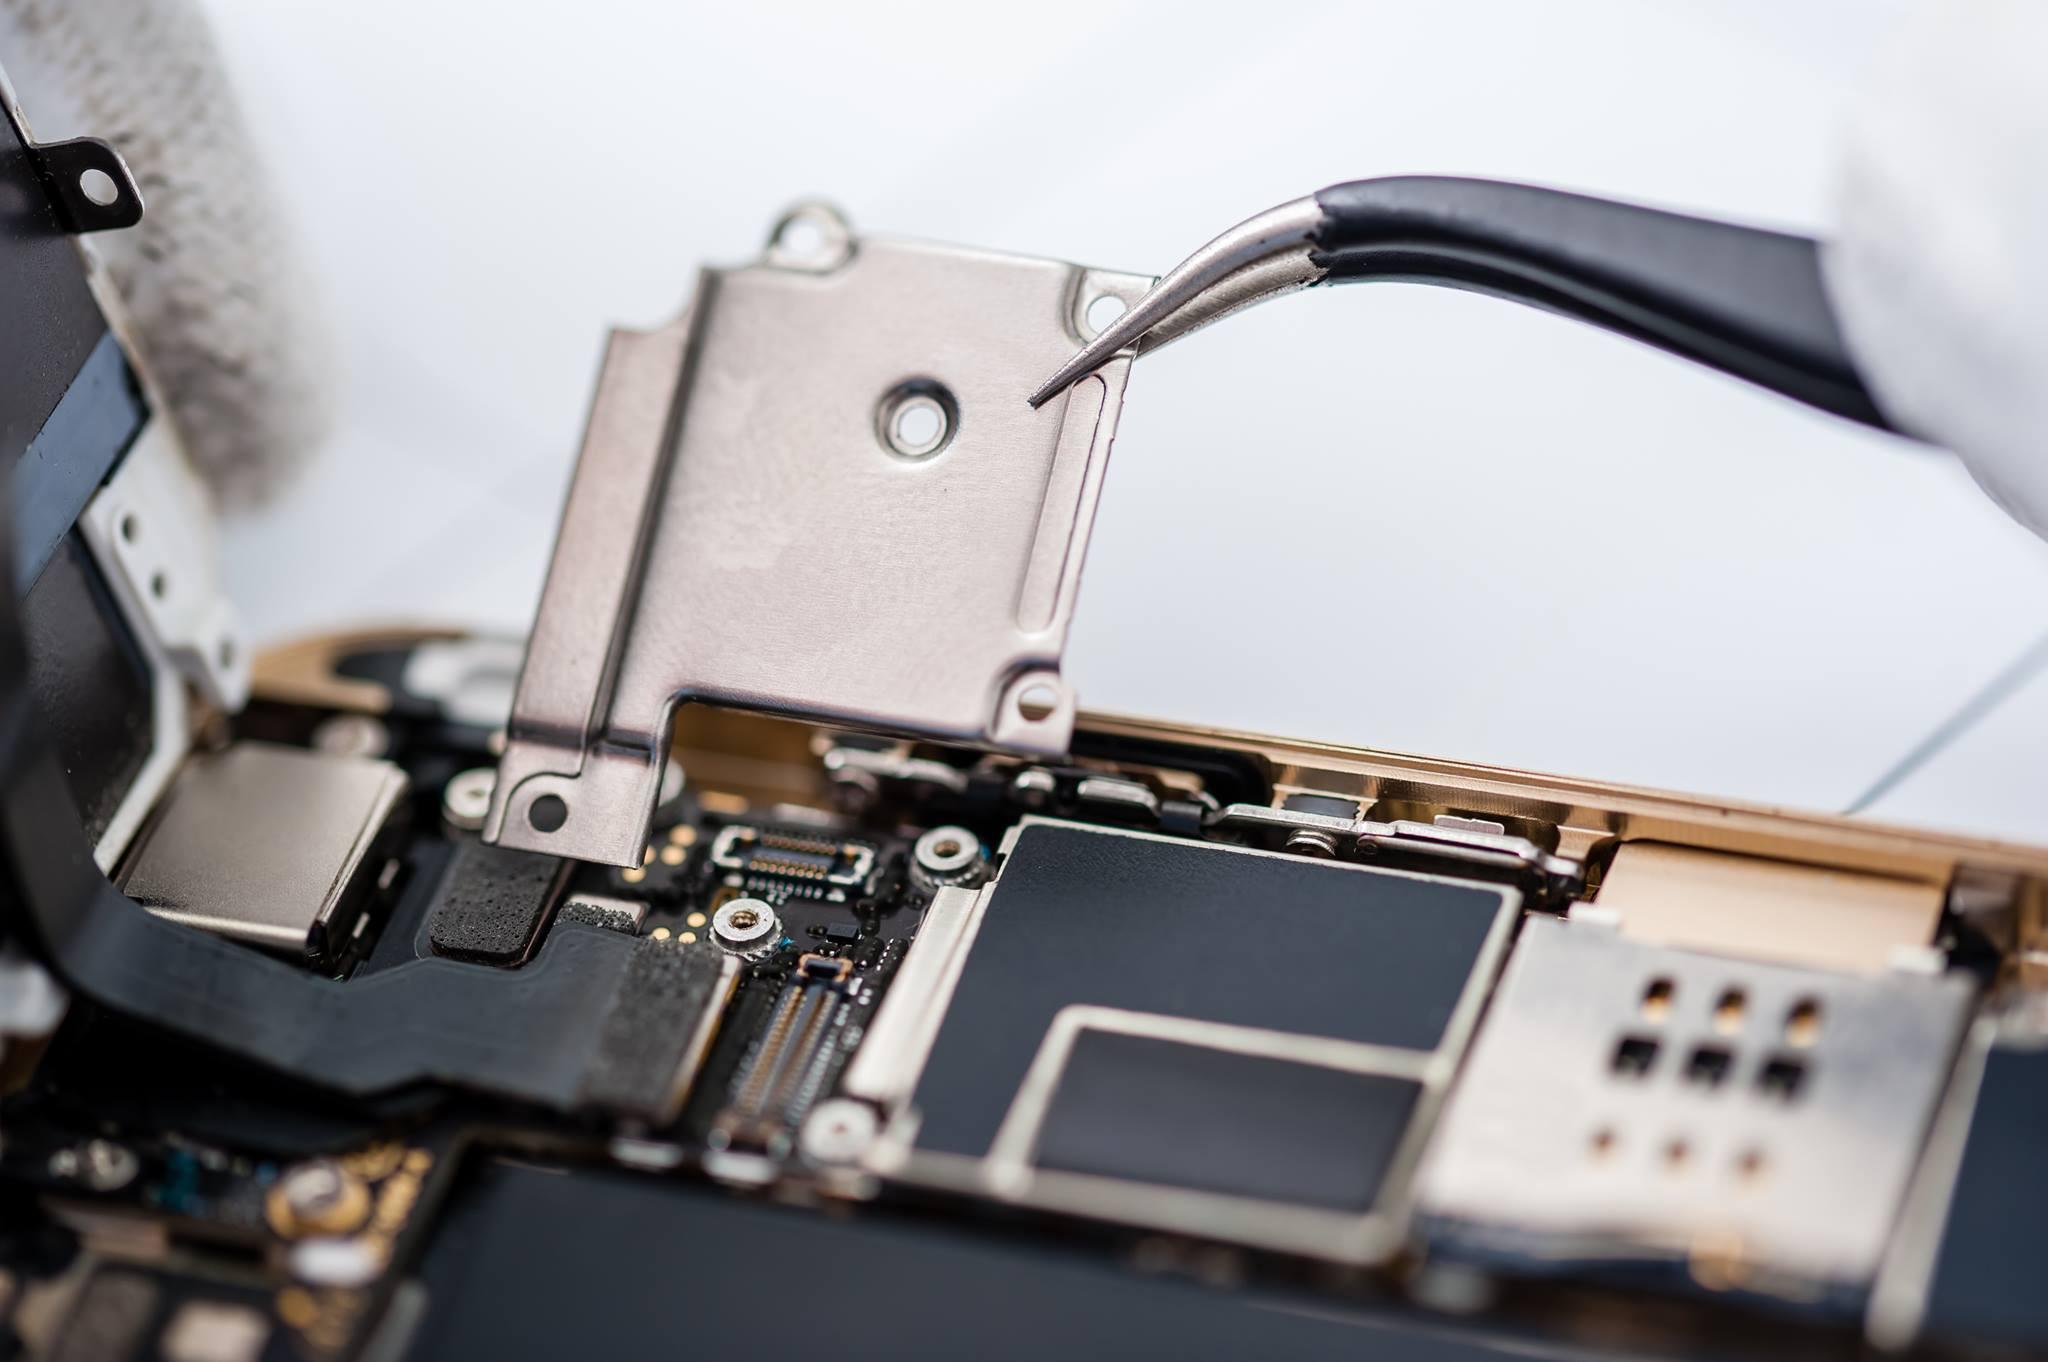 換電池/鏡頭 Replace Battery/Camera